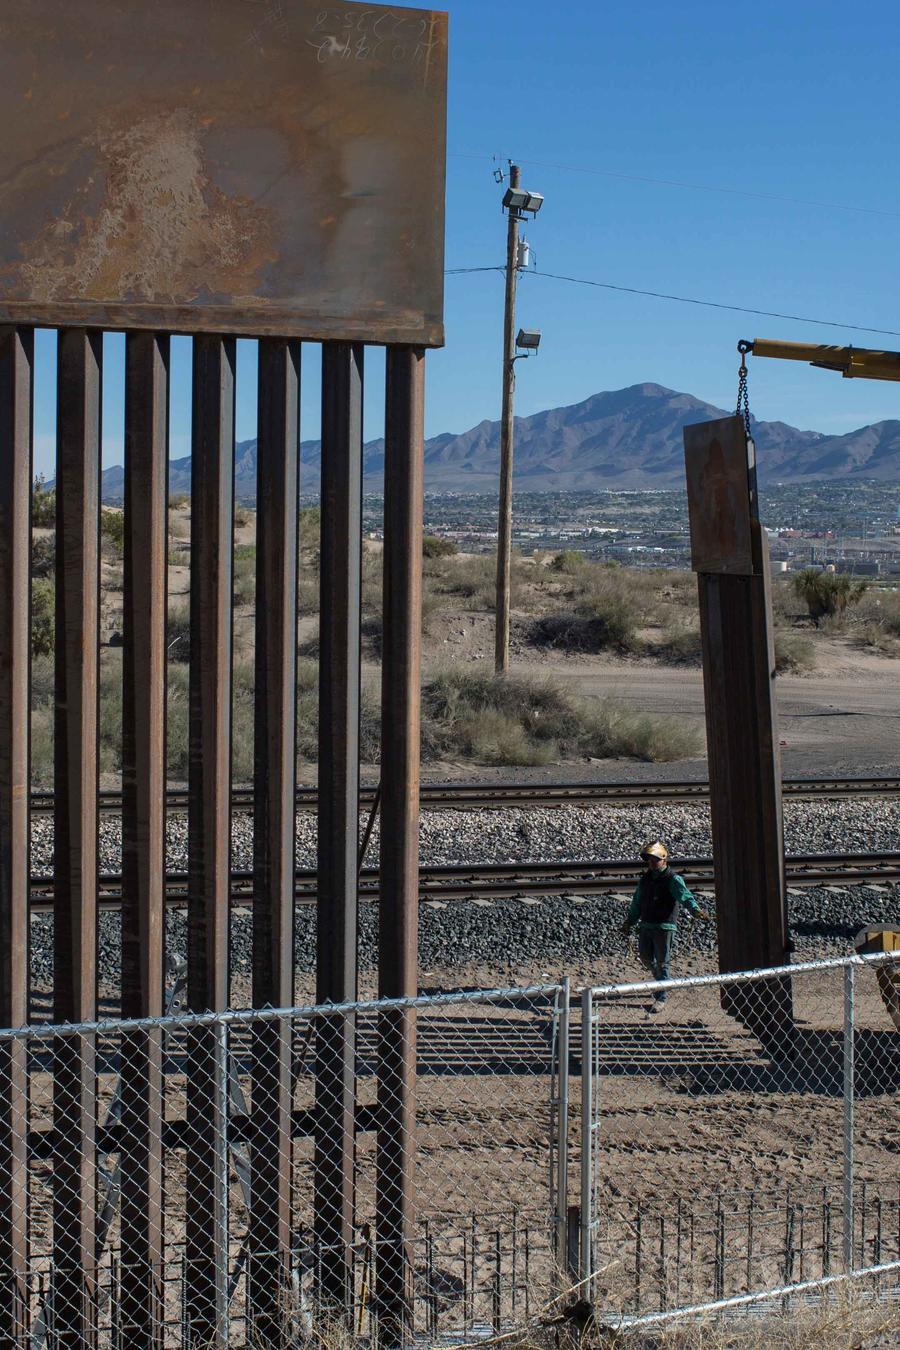 Una excavadora en los alrededores del muro fronterizo